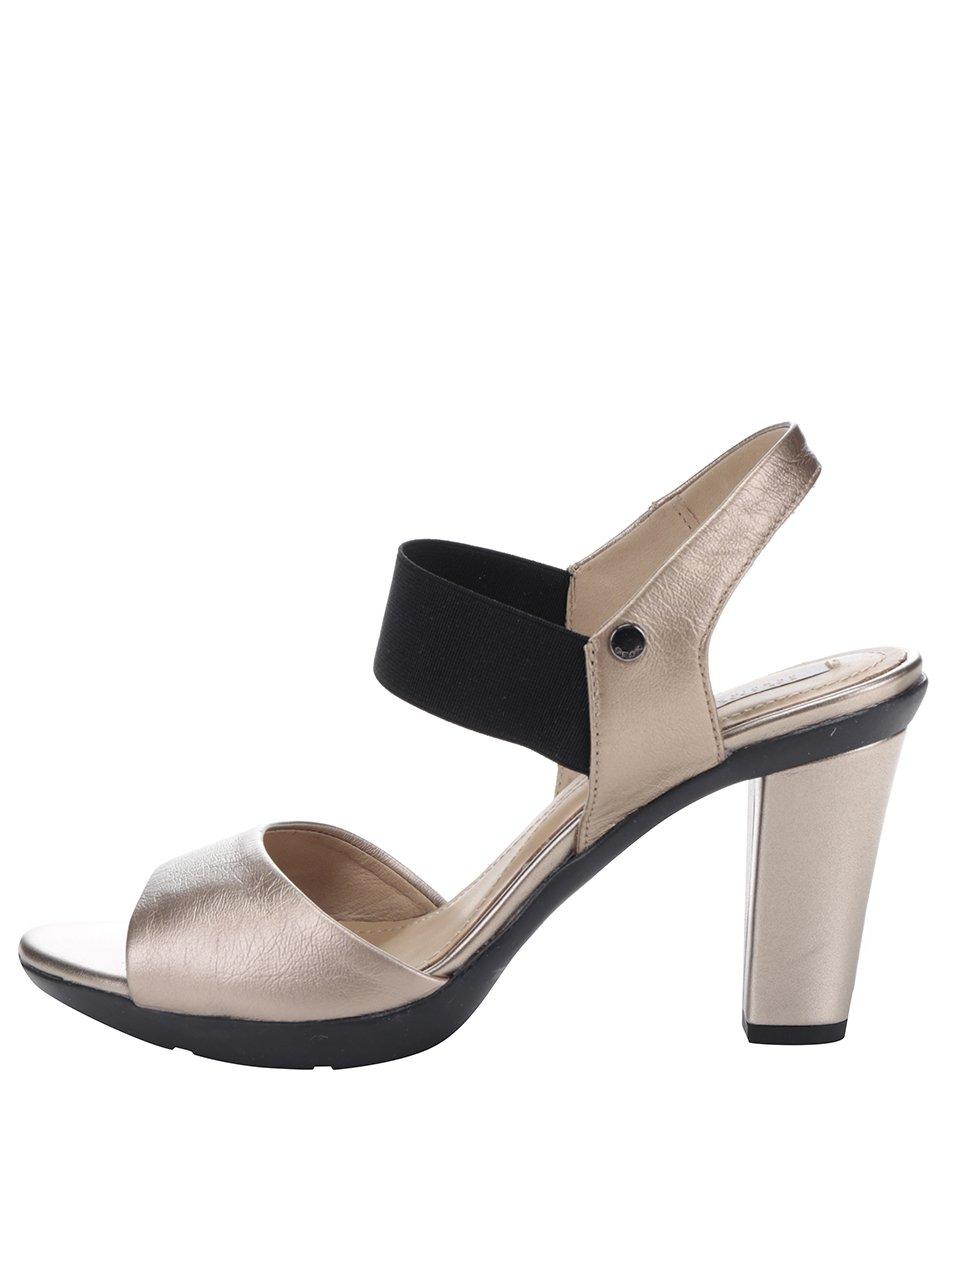 Sandálky v bronzové barvě na vysokém podpatku Geox Jadalis